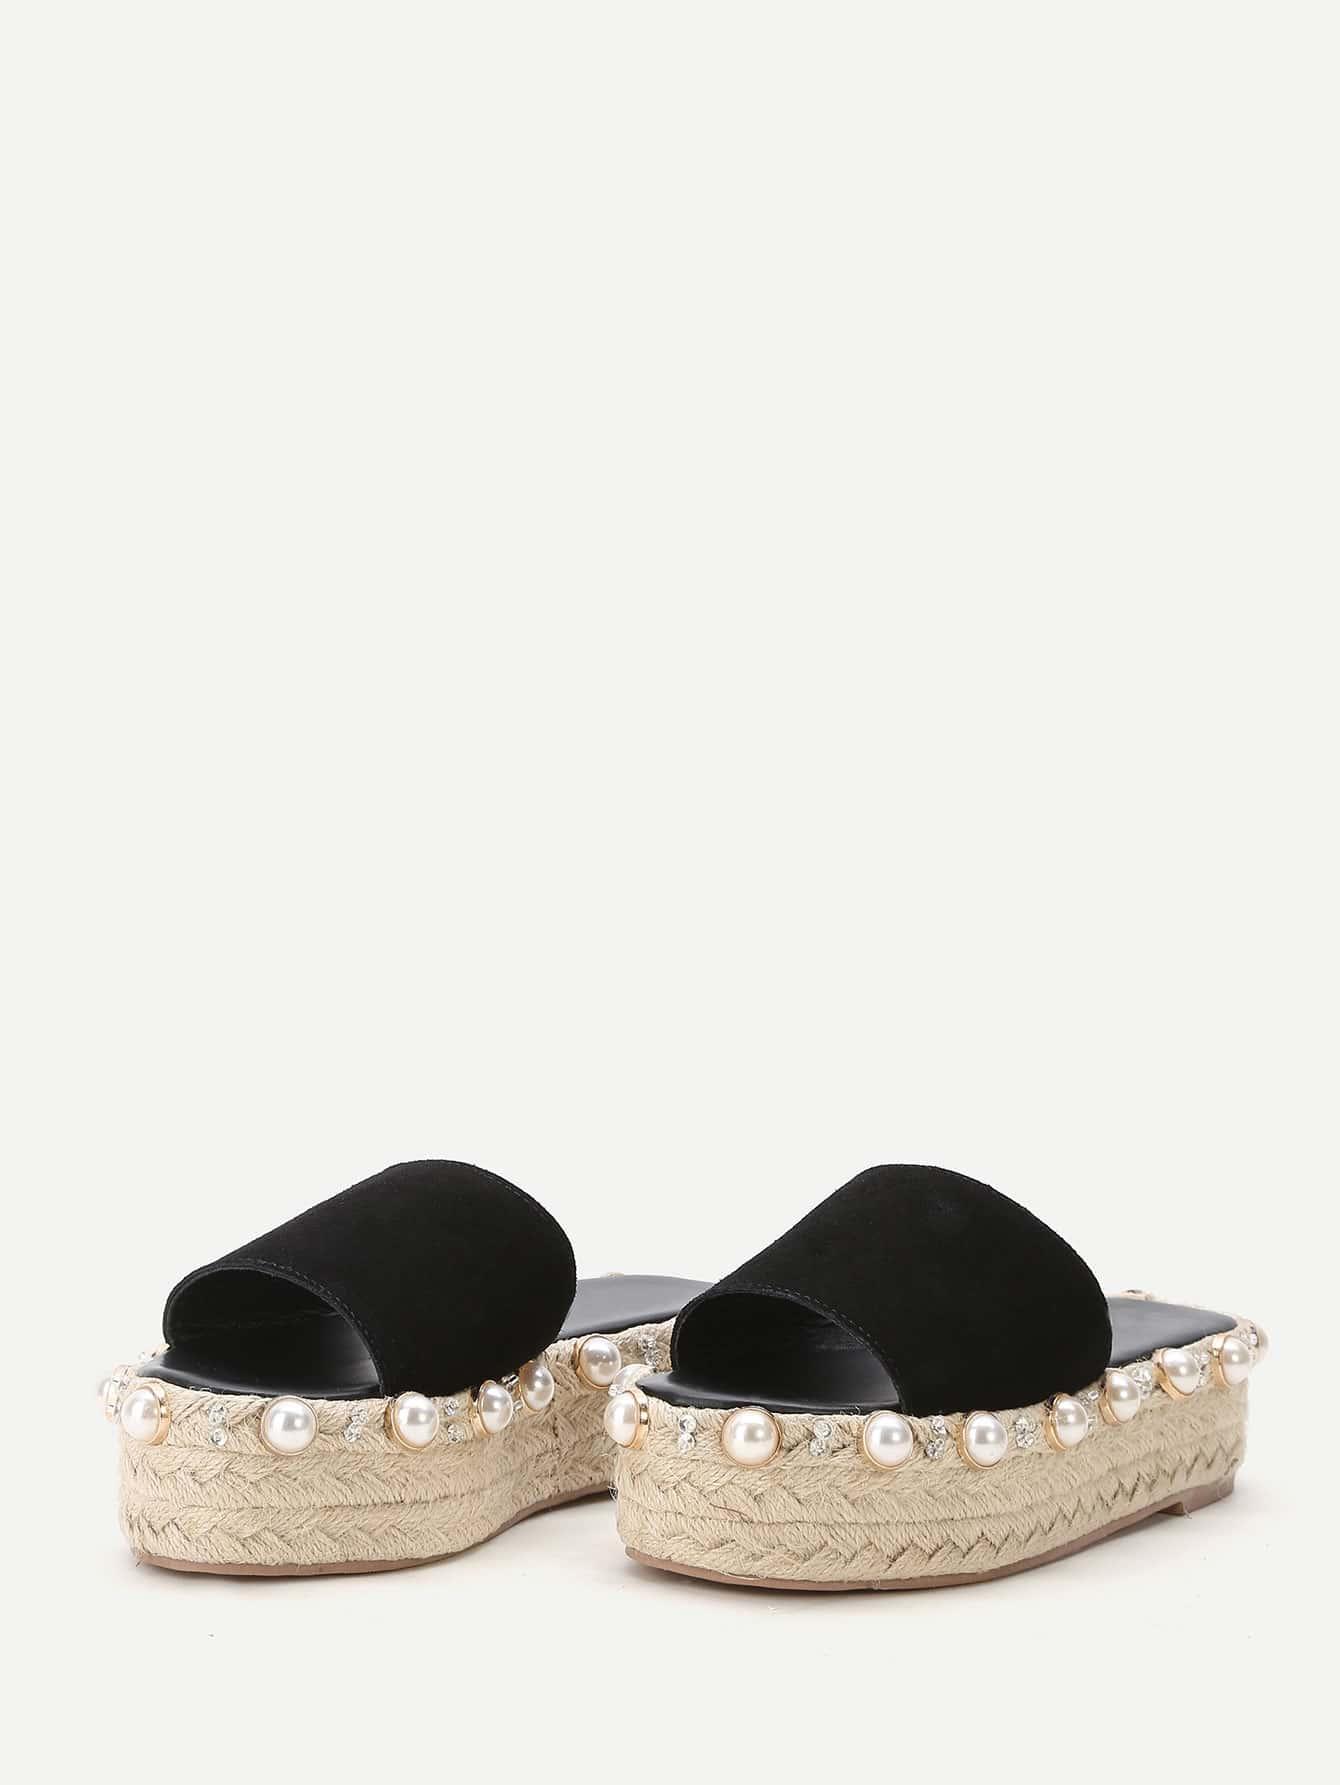 shoes170314805_2